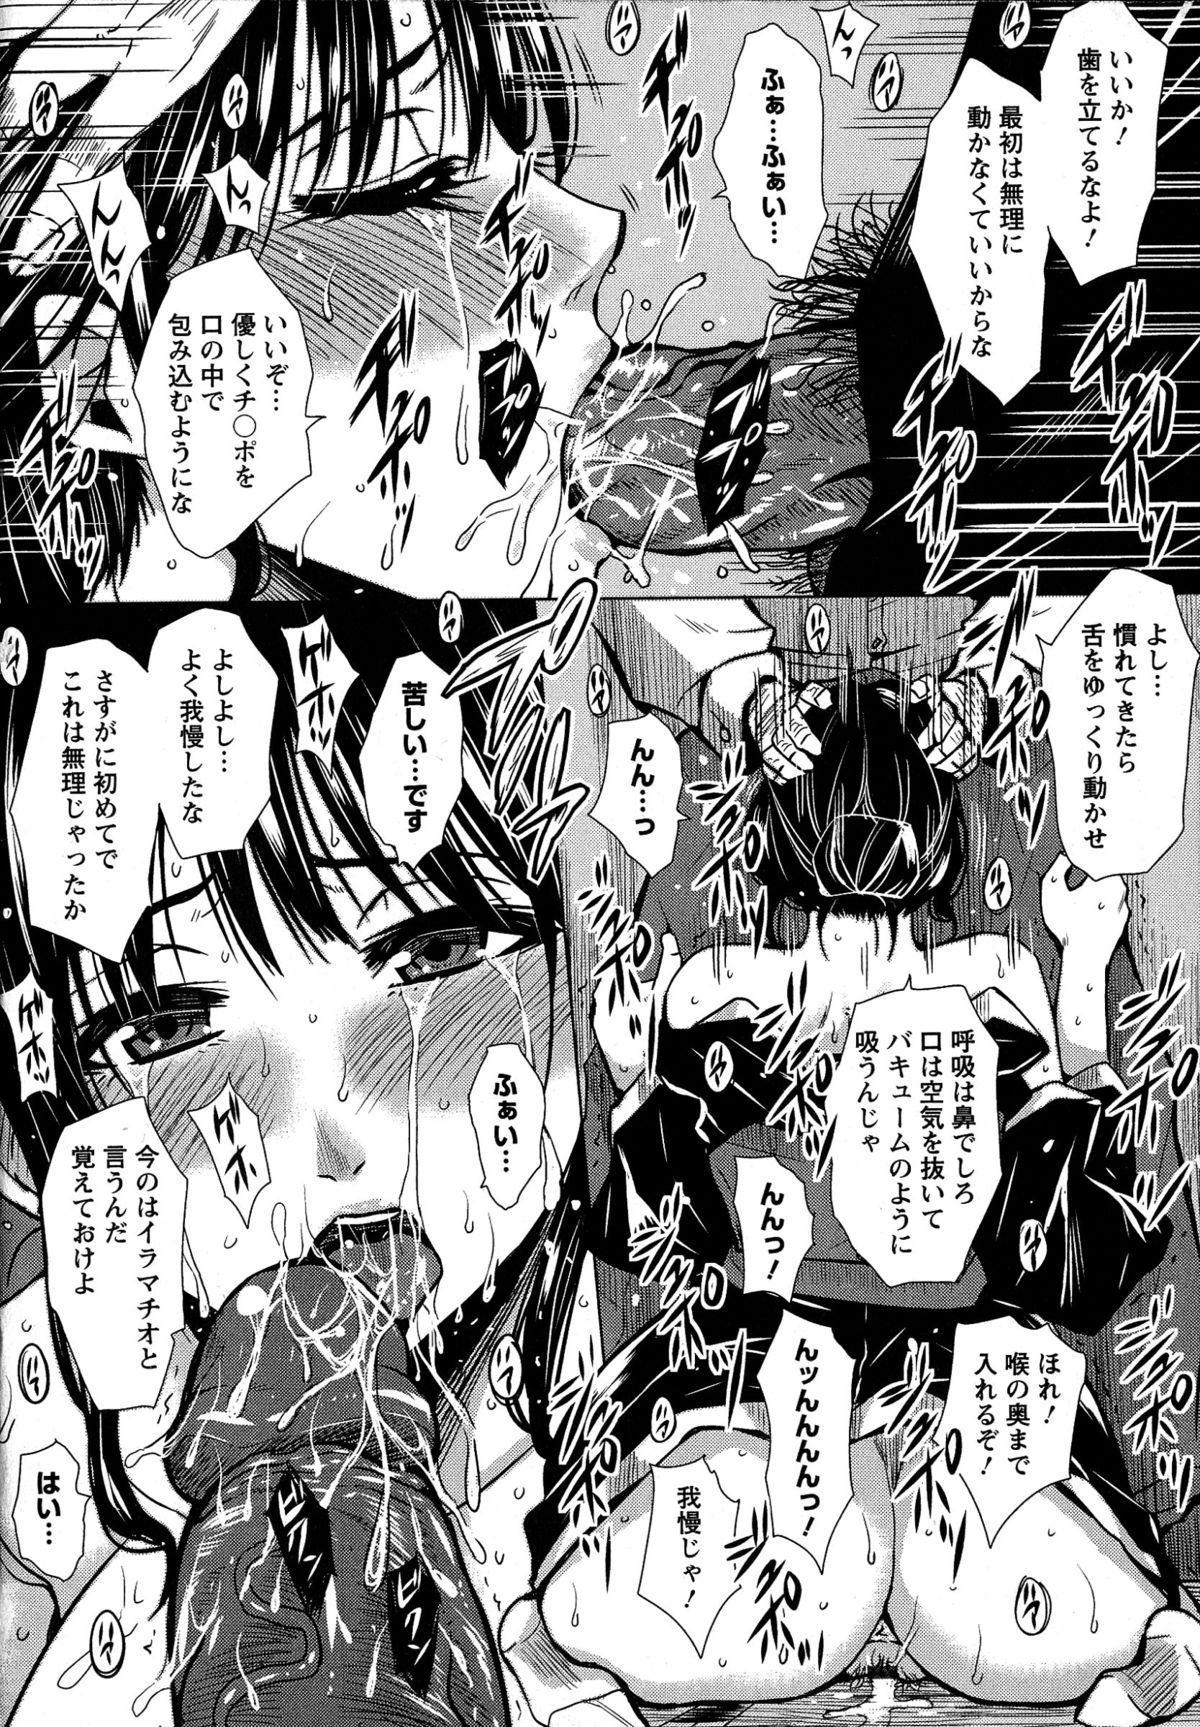 Seishori Kazoku 60